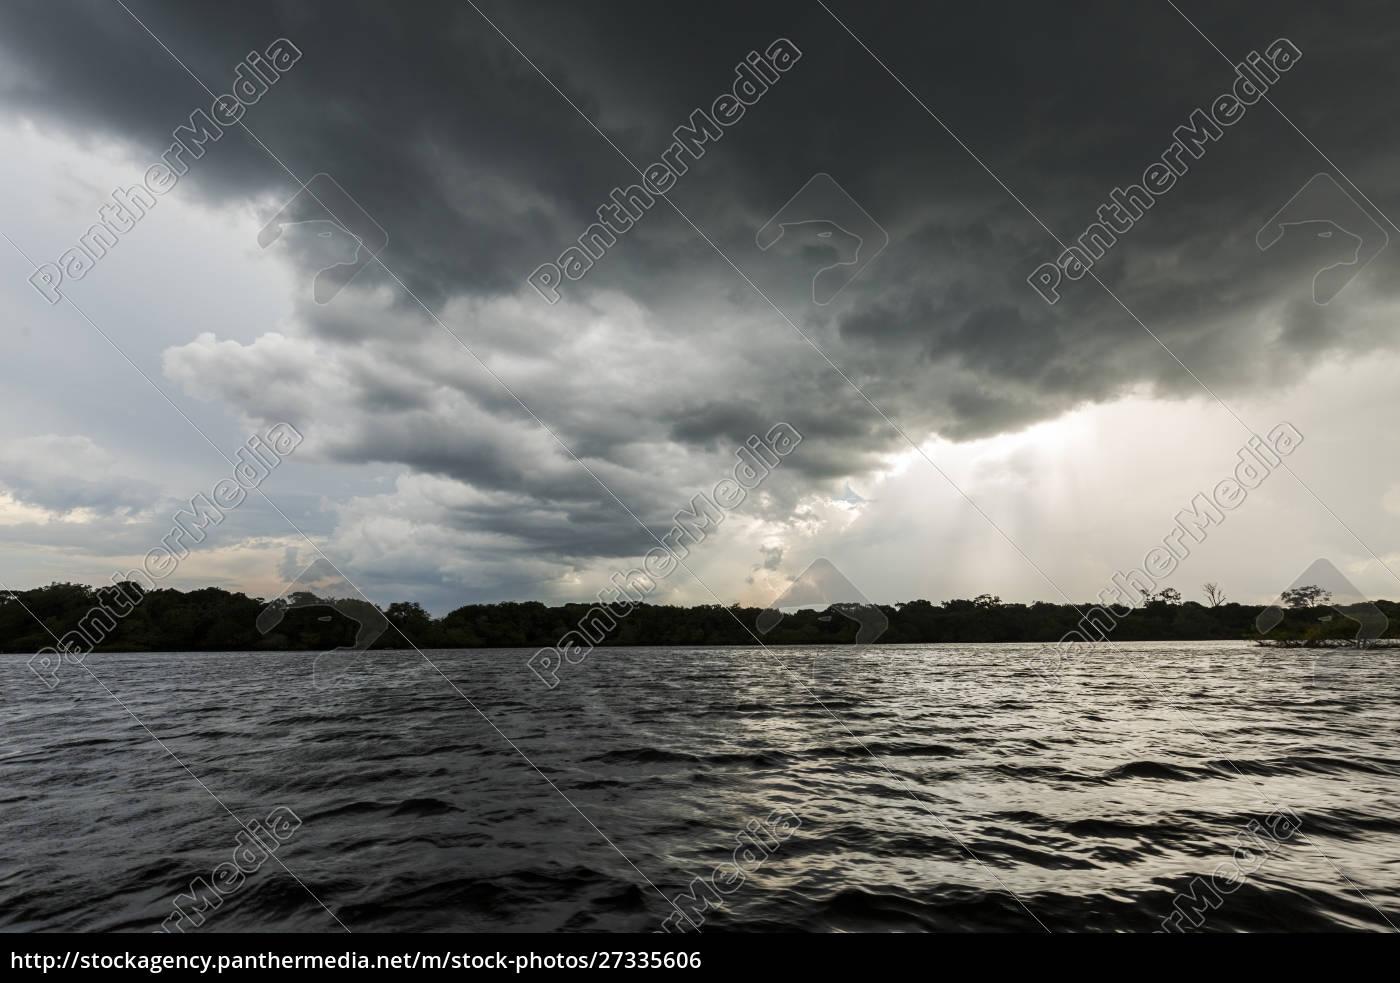 eine, dunkle, gewitterwolke, bewegt, sich, über - 27335606